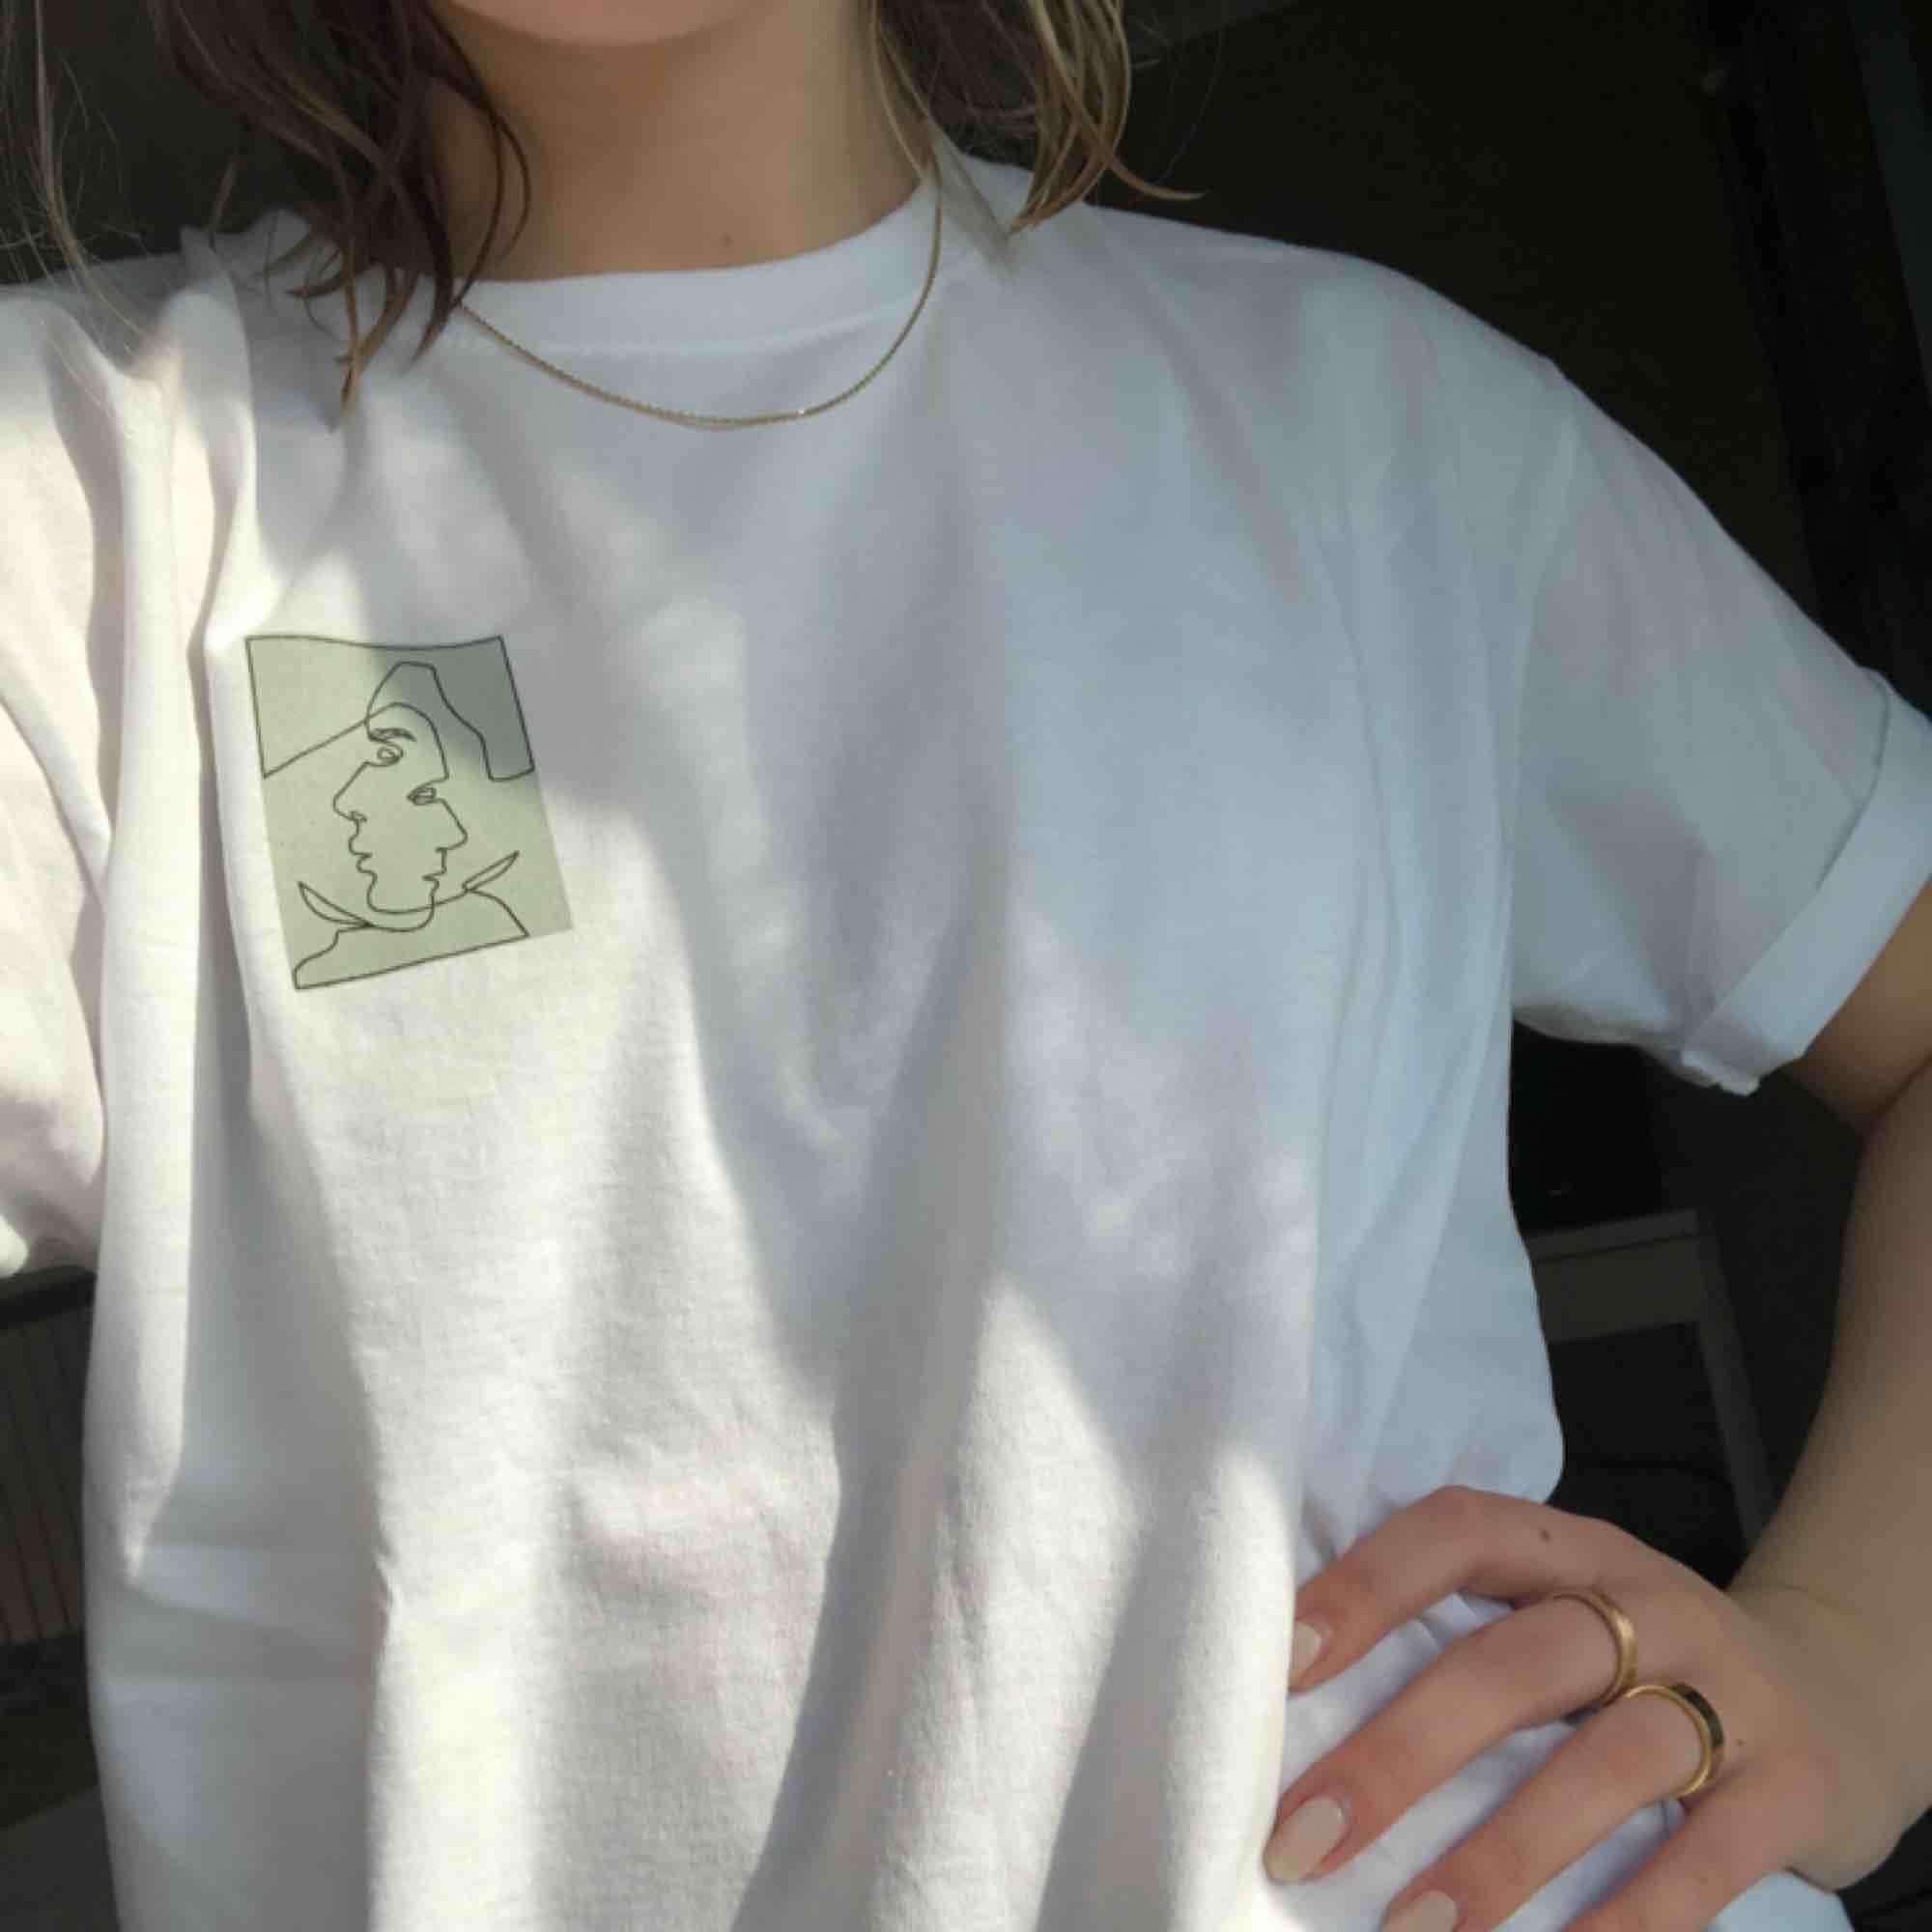 T-shirt av @semi.uf. Finns i storlekarna s-xl, bär en M på bilden. Tröjan är unisex och för varje köpt tröja skänks 20kr till organisationen Mind 💘💘 Frakt på 50kr. T-shirts.